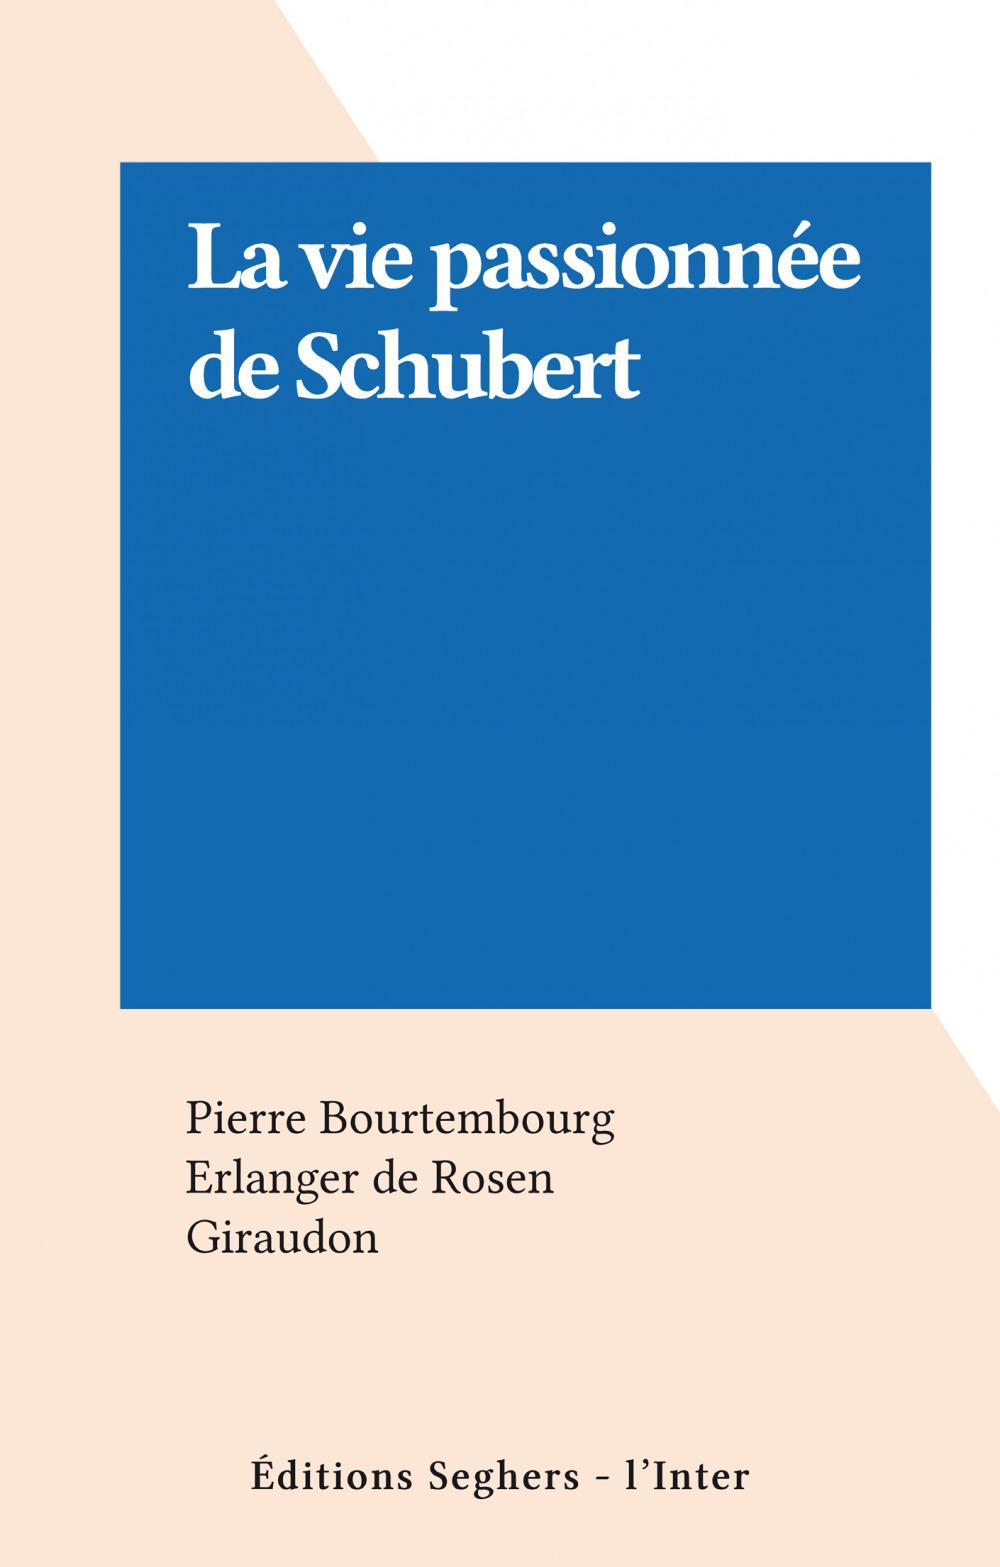 La vie passionnée de Schubert